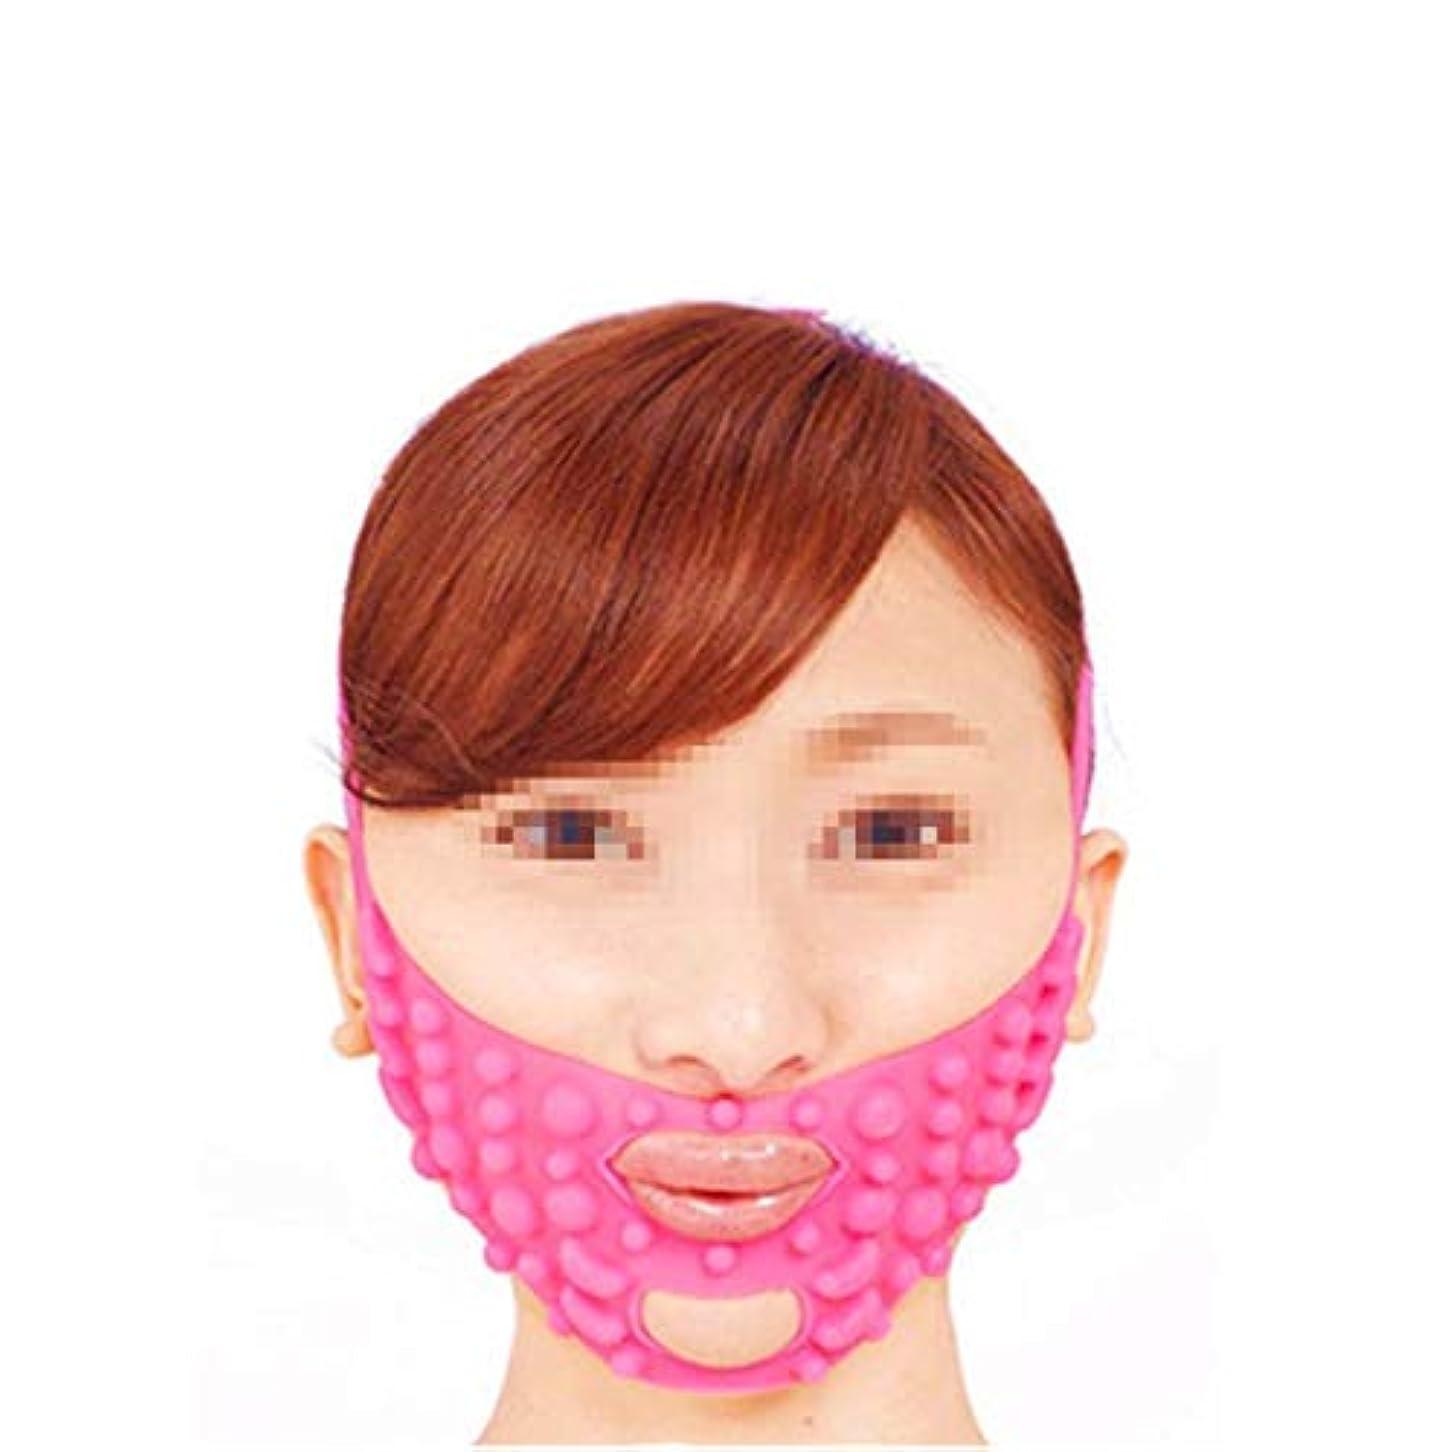 解体するジャンピングジャック隣人シリコンマッサージフェイスマスク、きちんと形をした小さいVフェイスリフトをデコードパターンフェイスリフトバンデージピンク